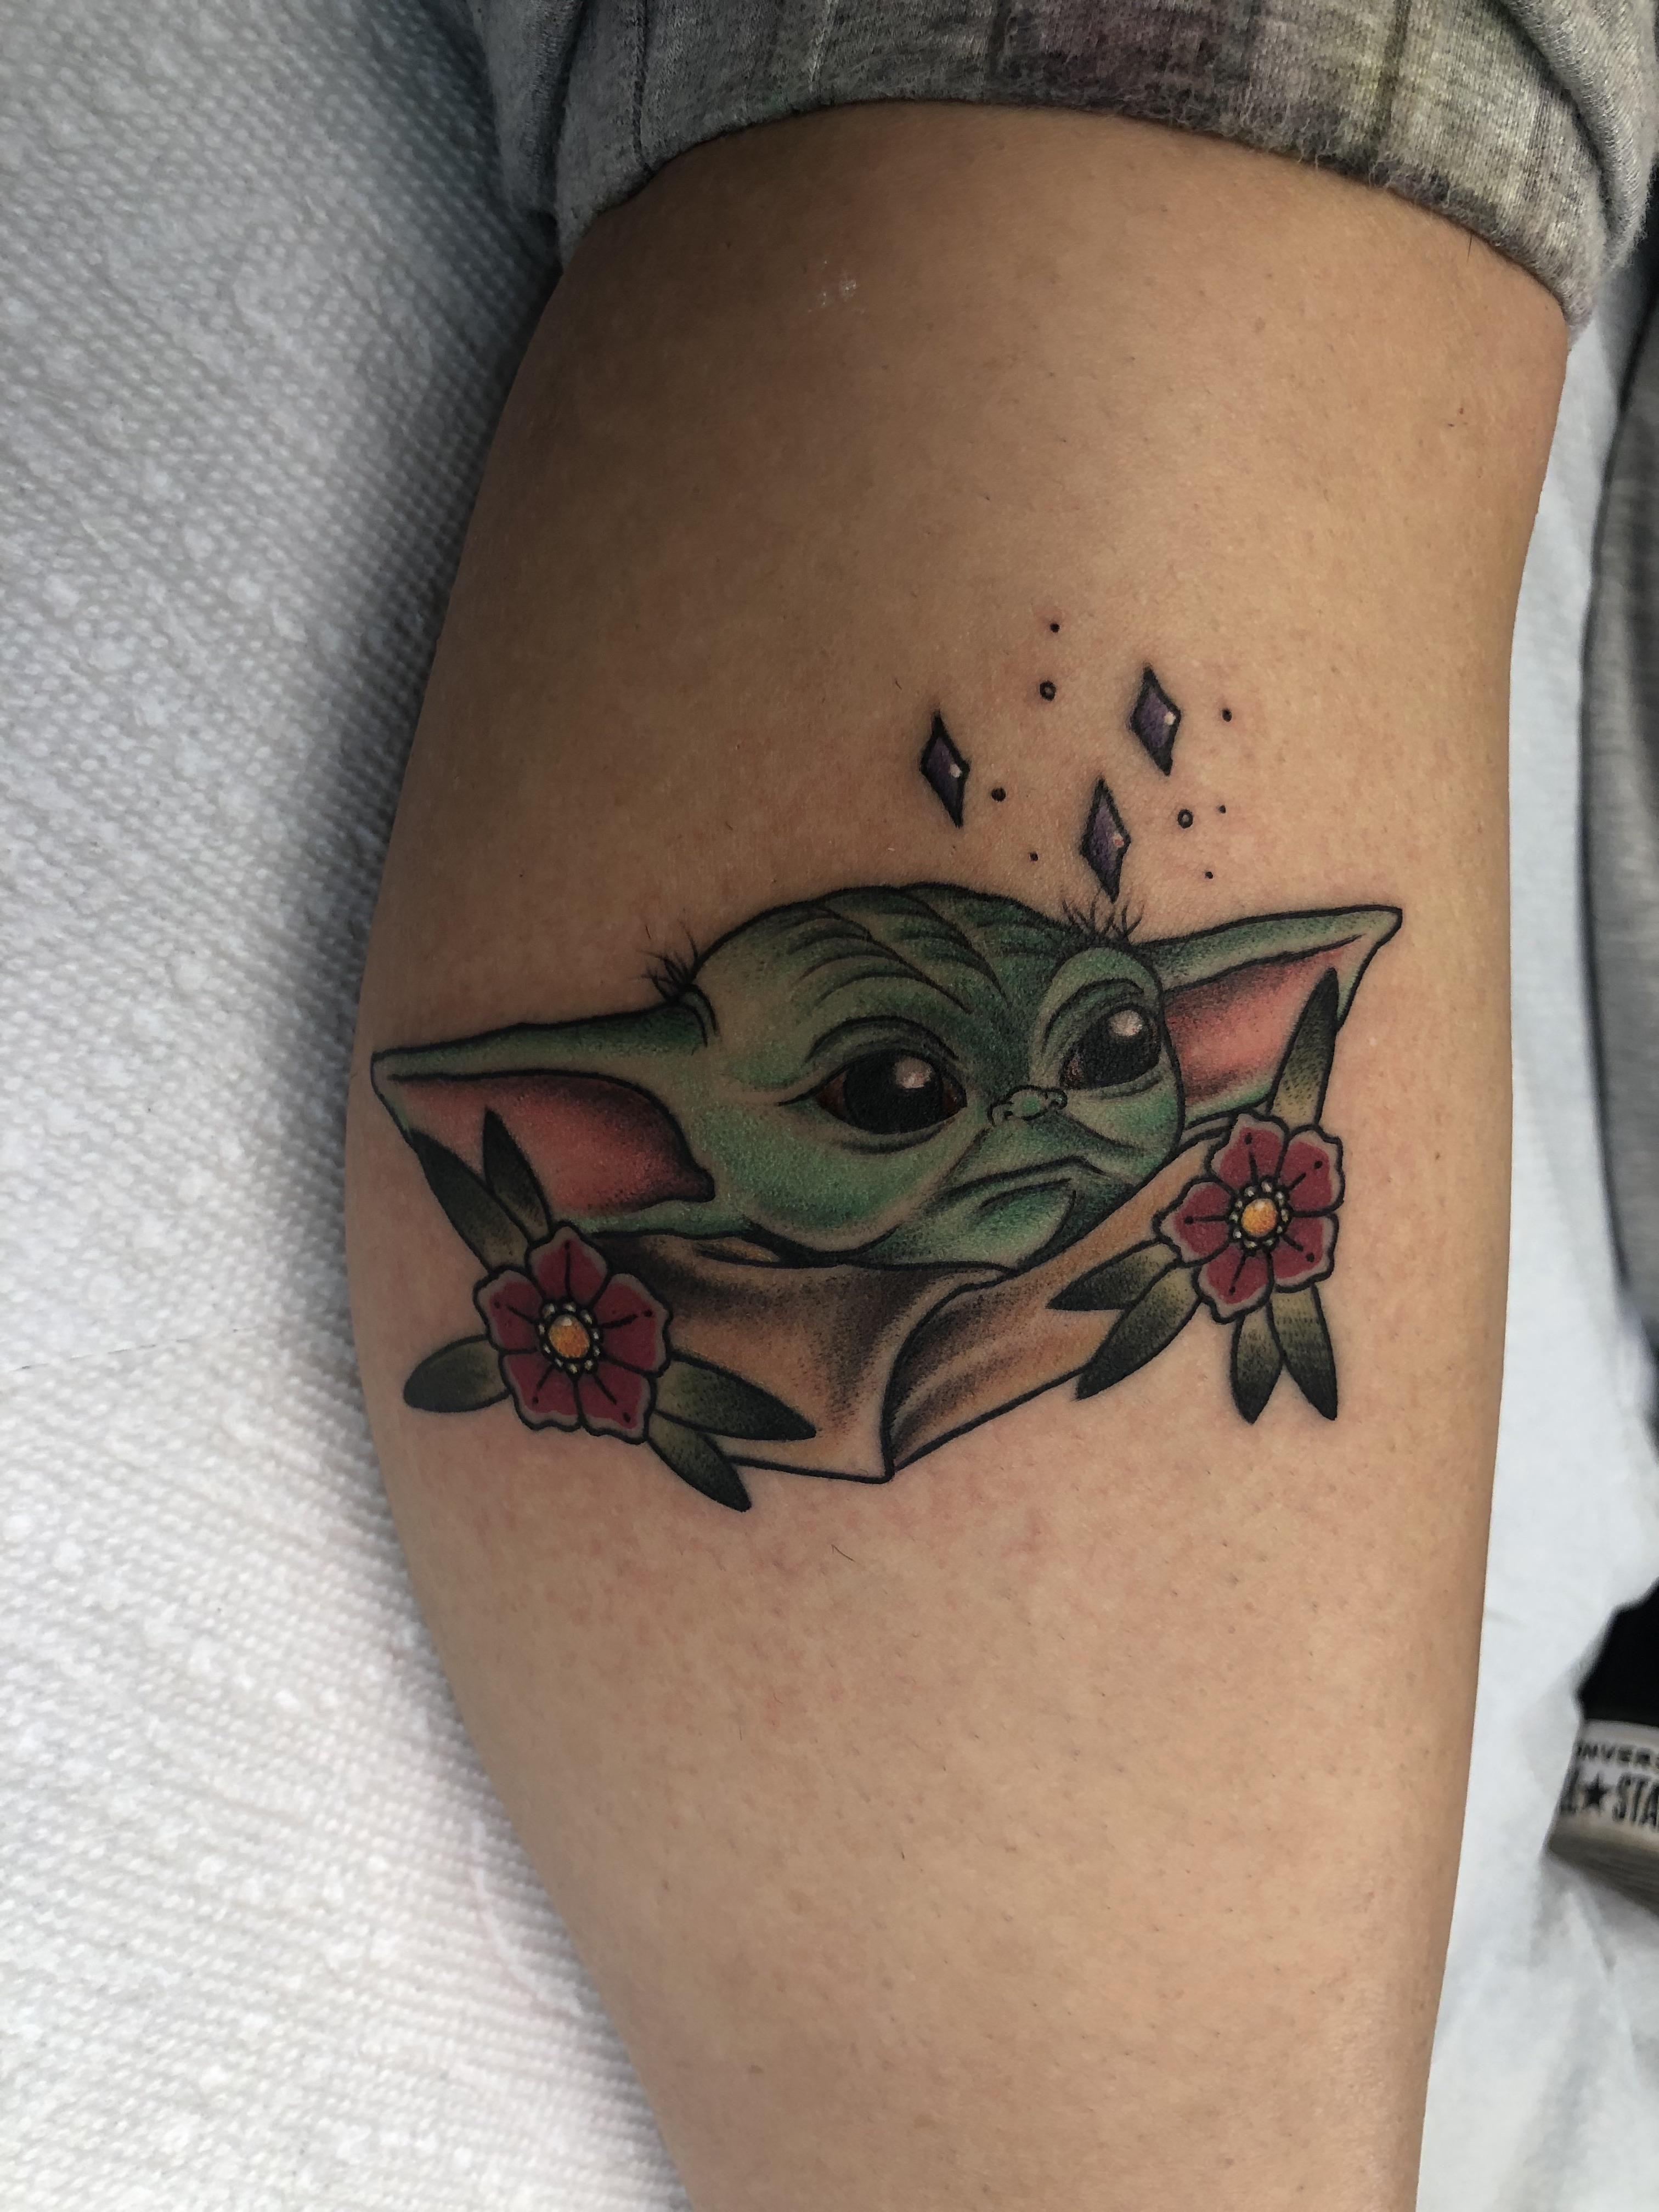 Pin by Skye on Tattoos & Piercings in 2020 Fandom